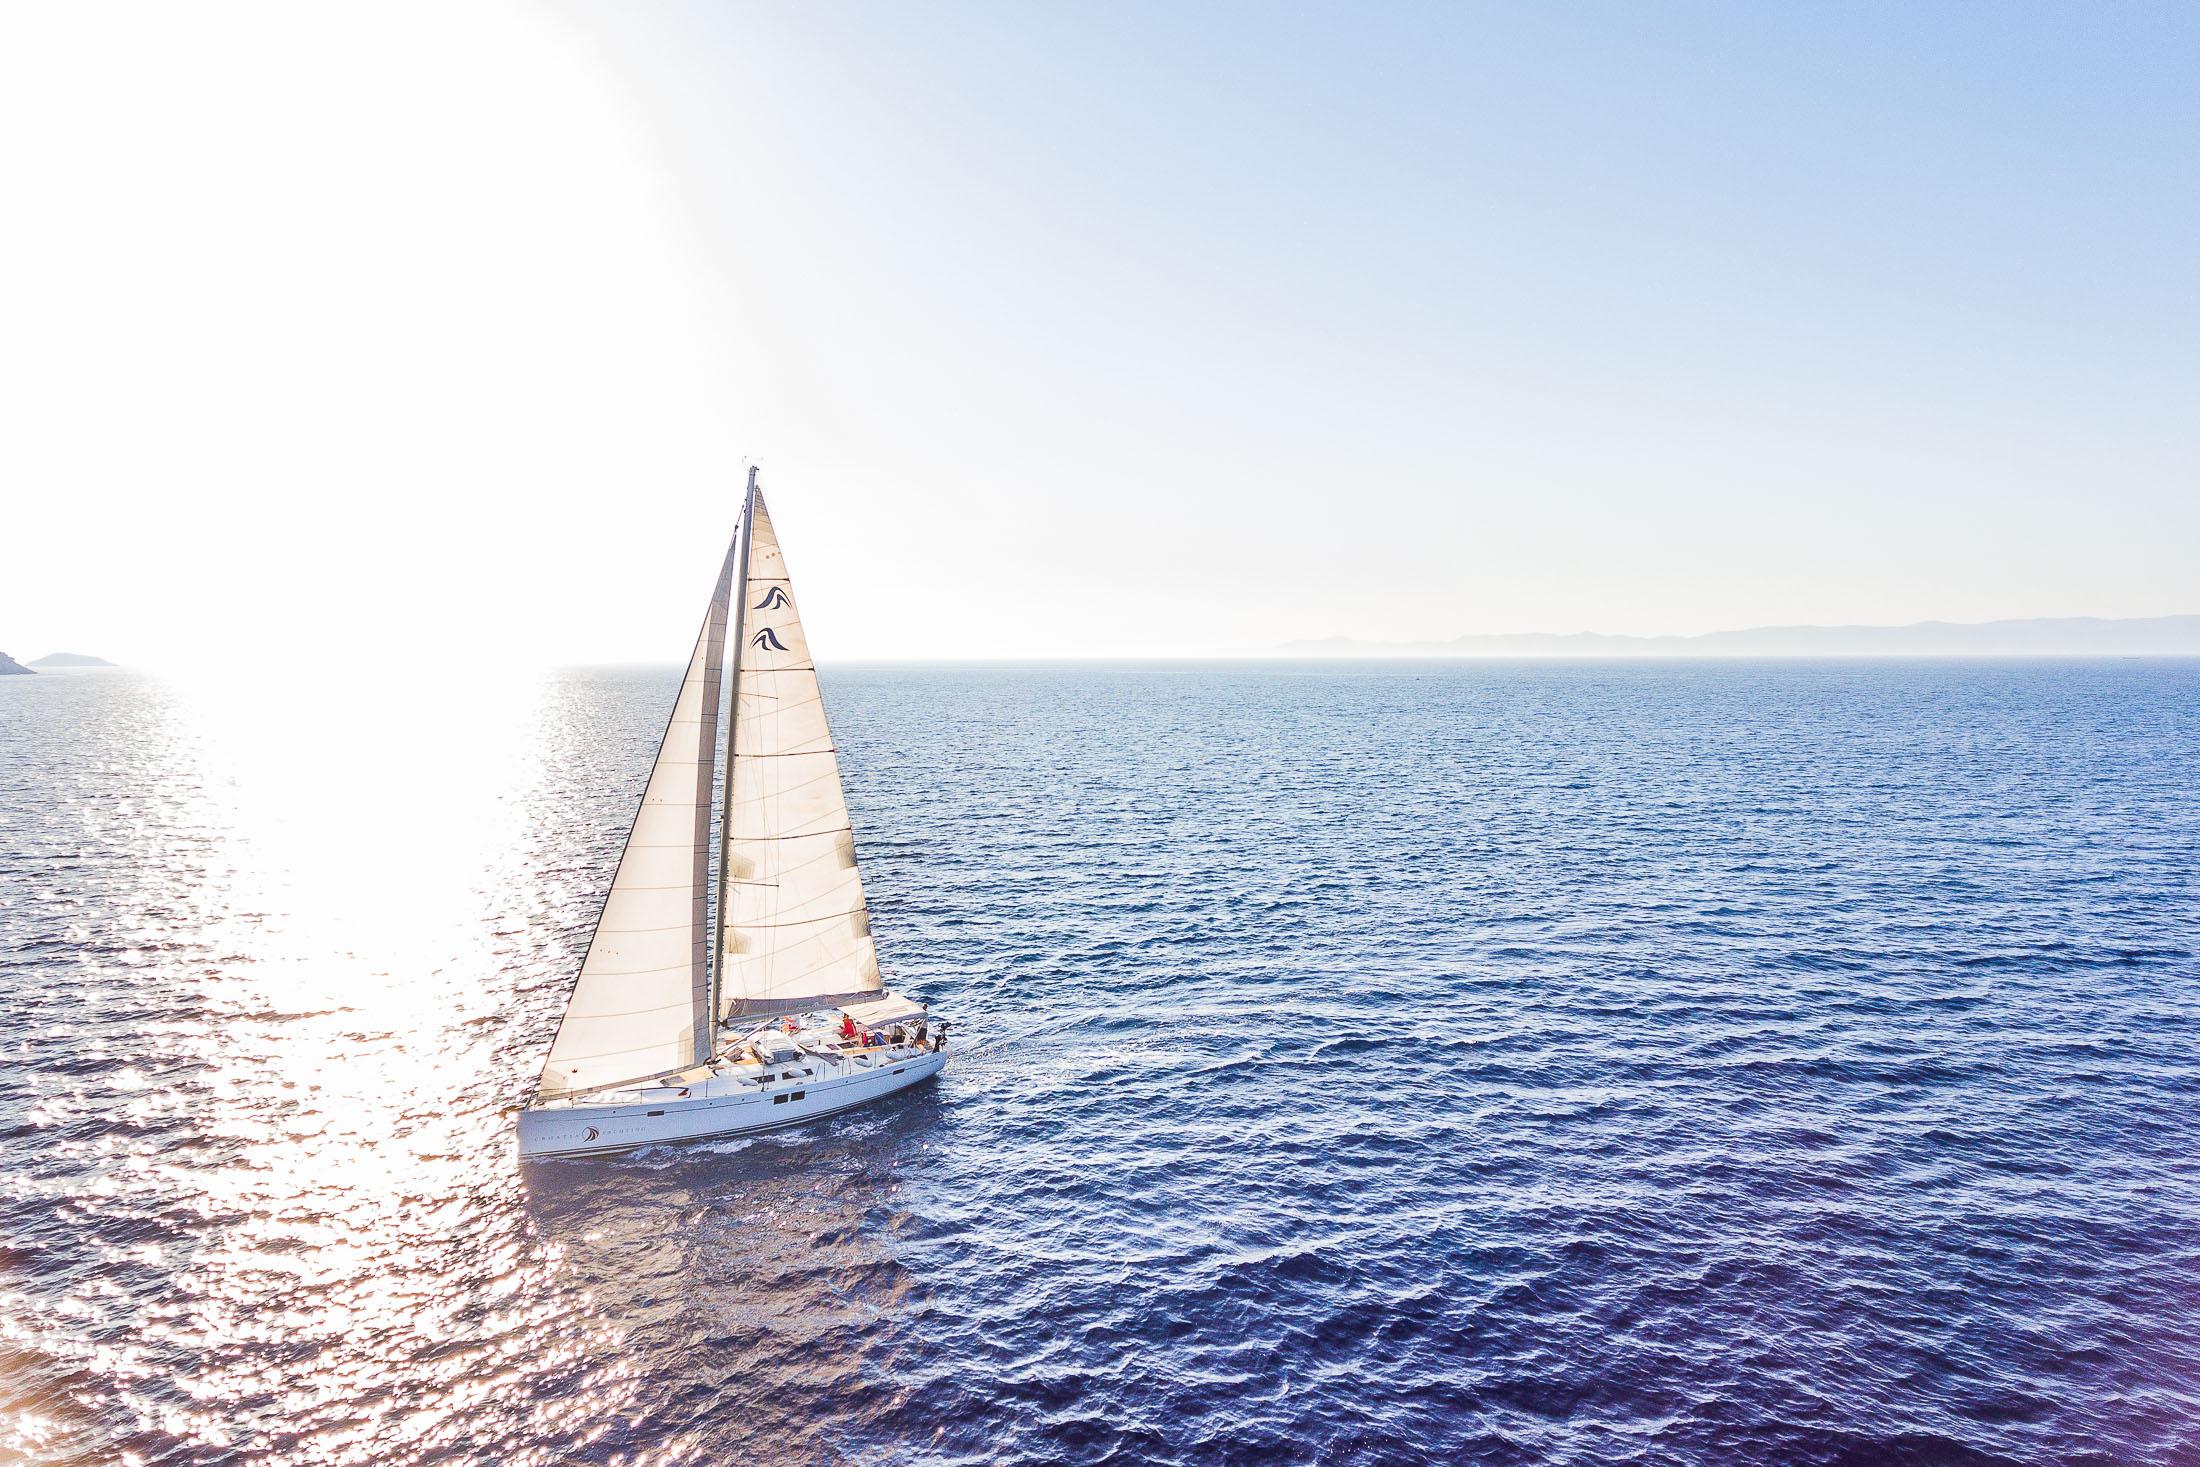 Hanse sailing boat, Croatia